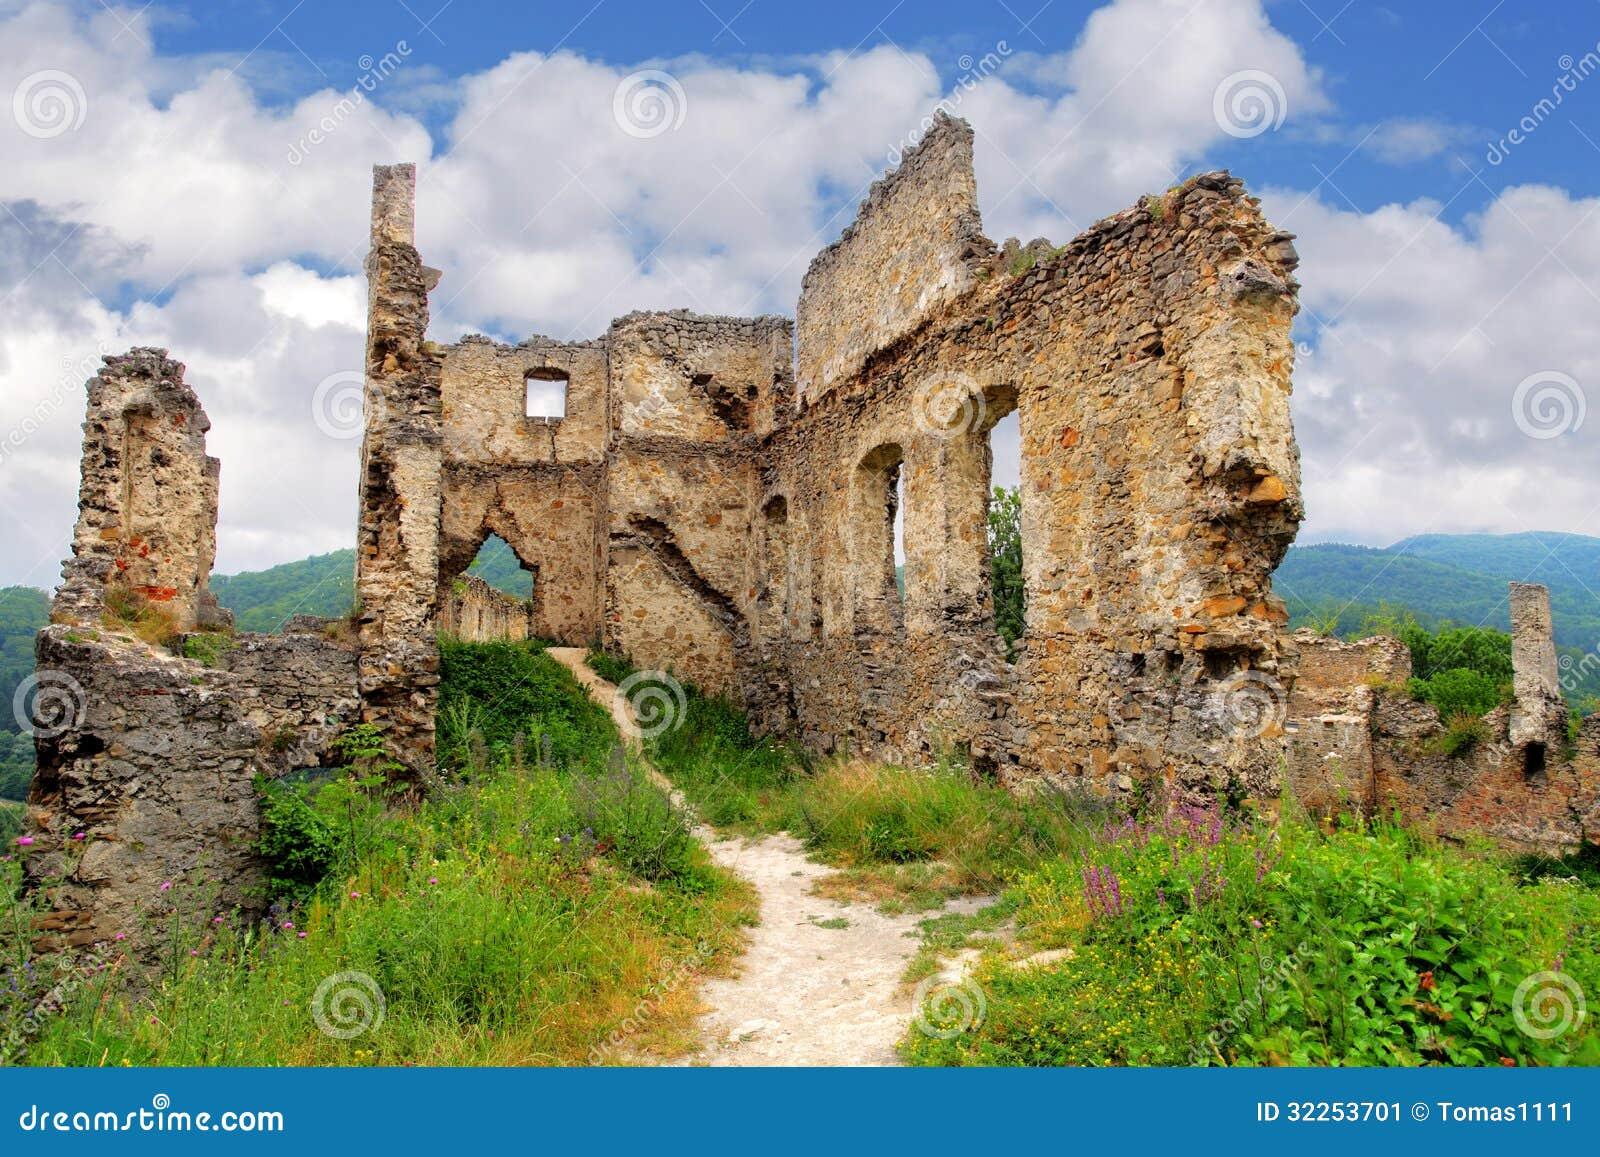 Ruine des Schlosses - Povazsky-hrad, Slowakei